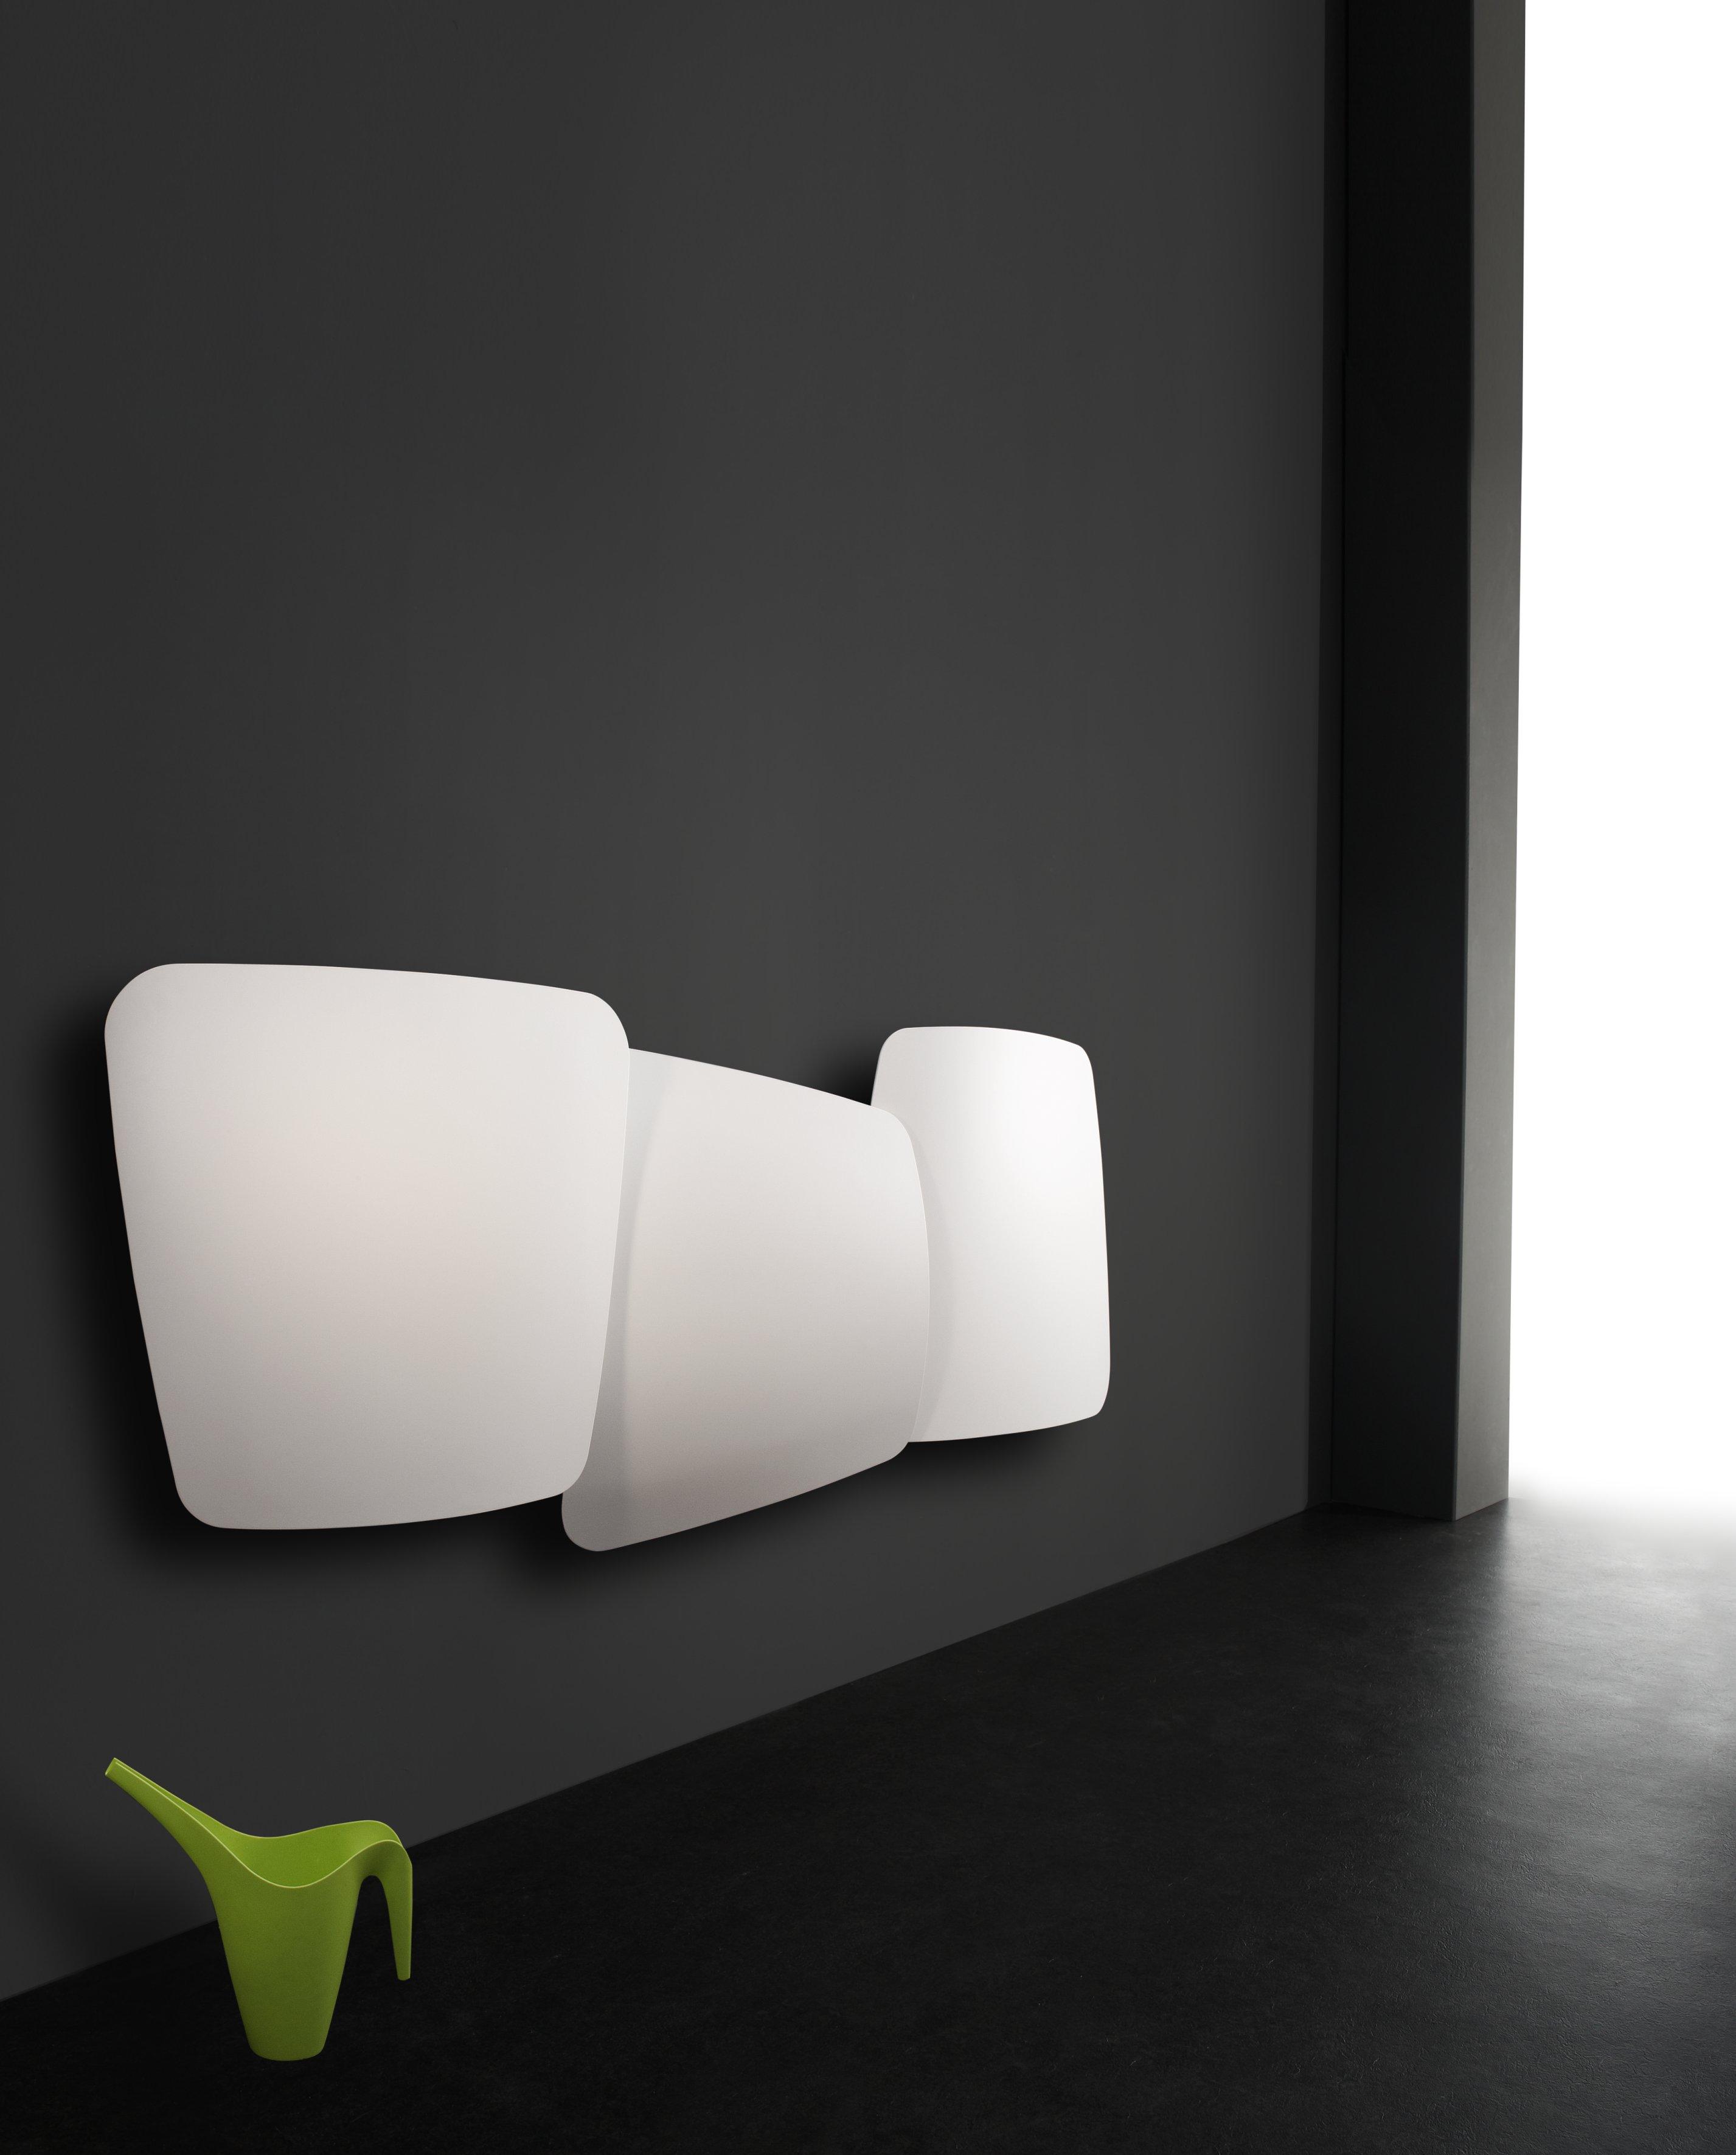 Elke kamer een designradiator - Voorlichtingsburo Wonen